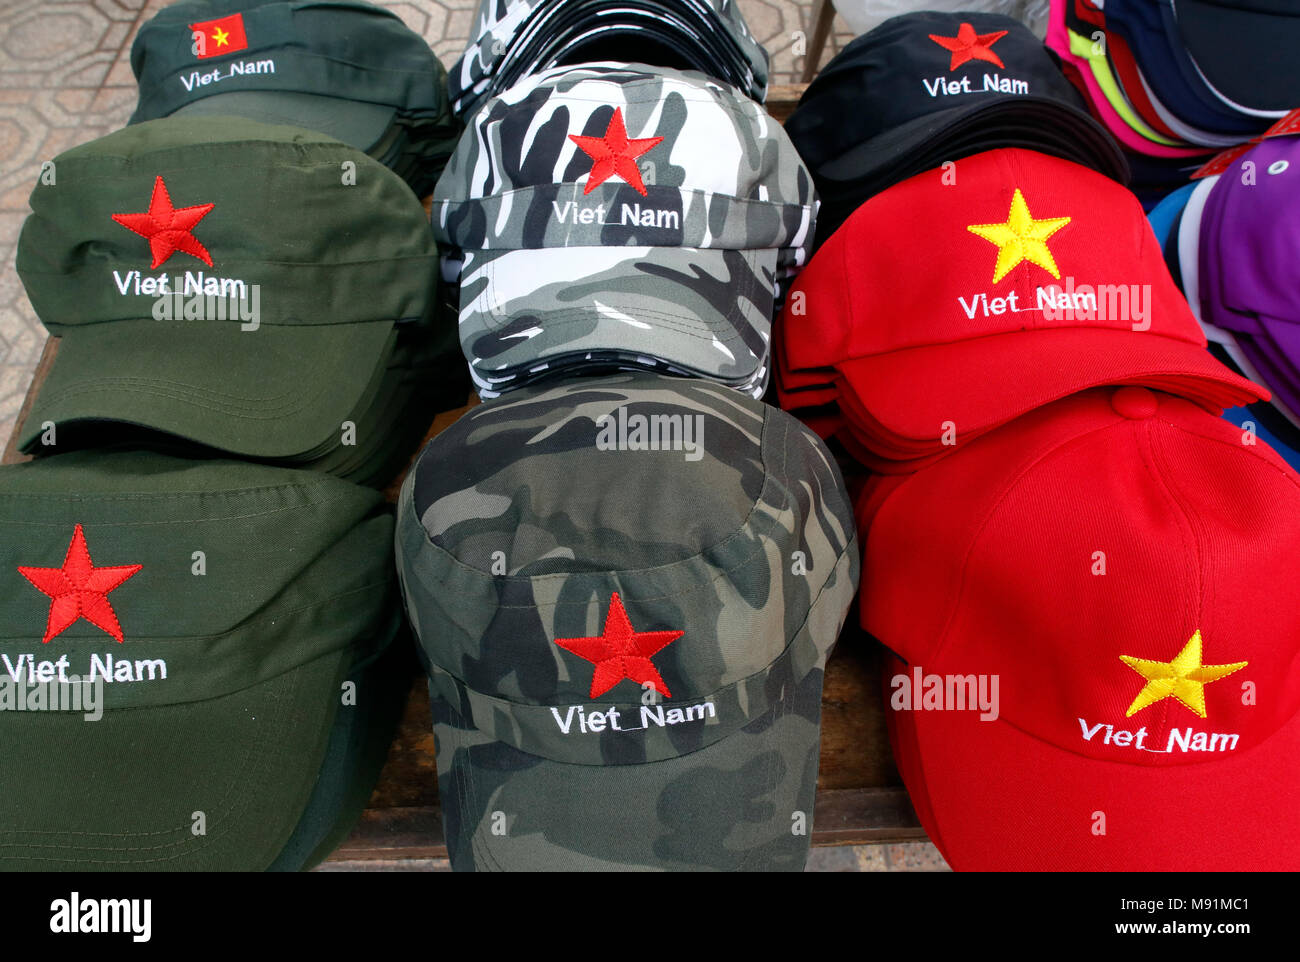 Vienam caps for sale at market.  Hanoi. Vietnam. - Stock Image